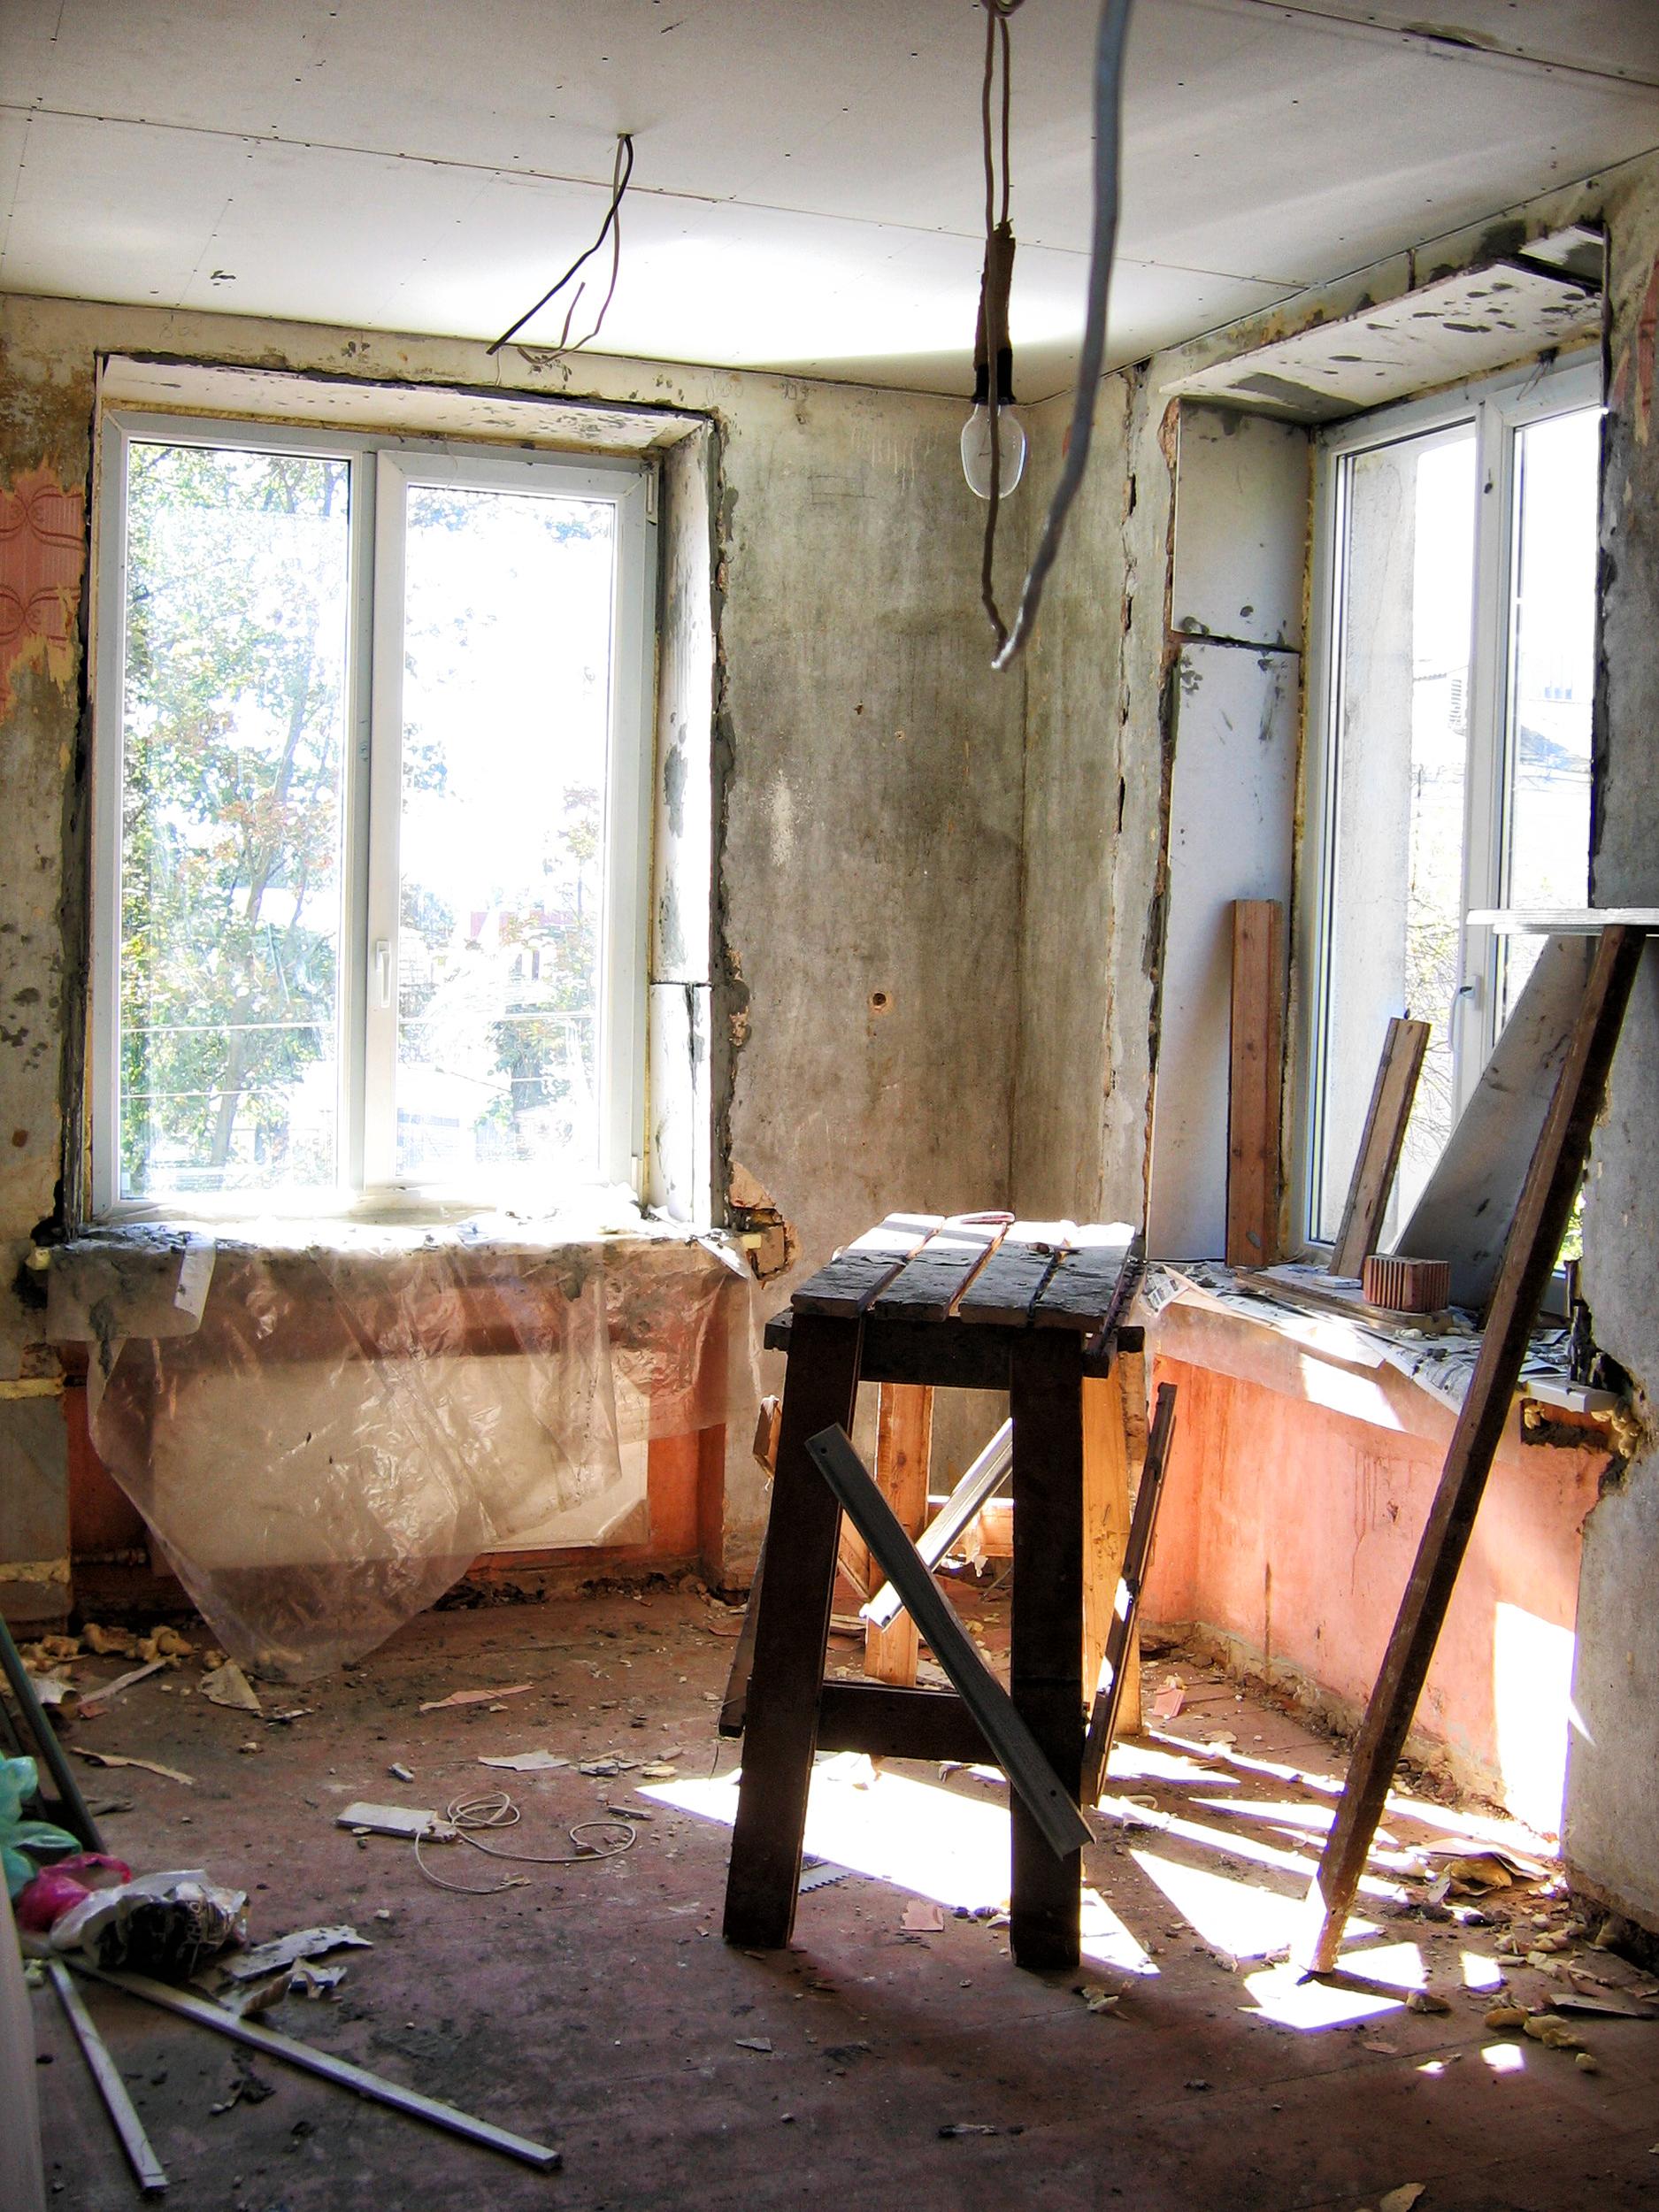 Beurs eigen huis utrecht for Beurs eigen huis openingstijden